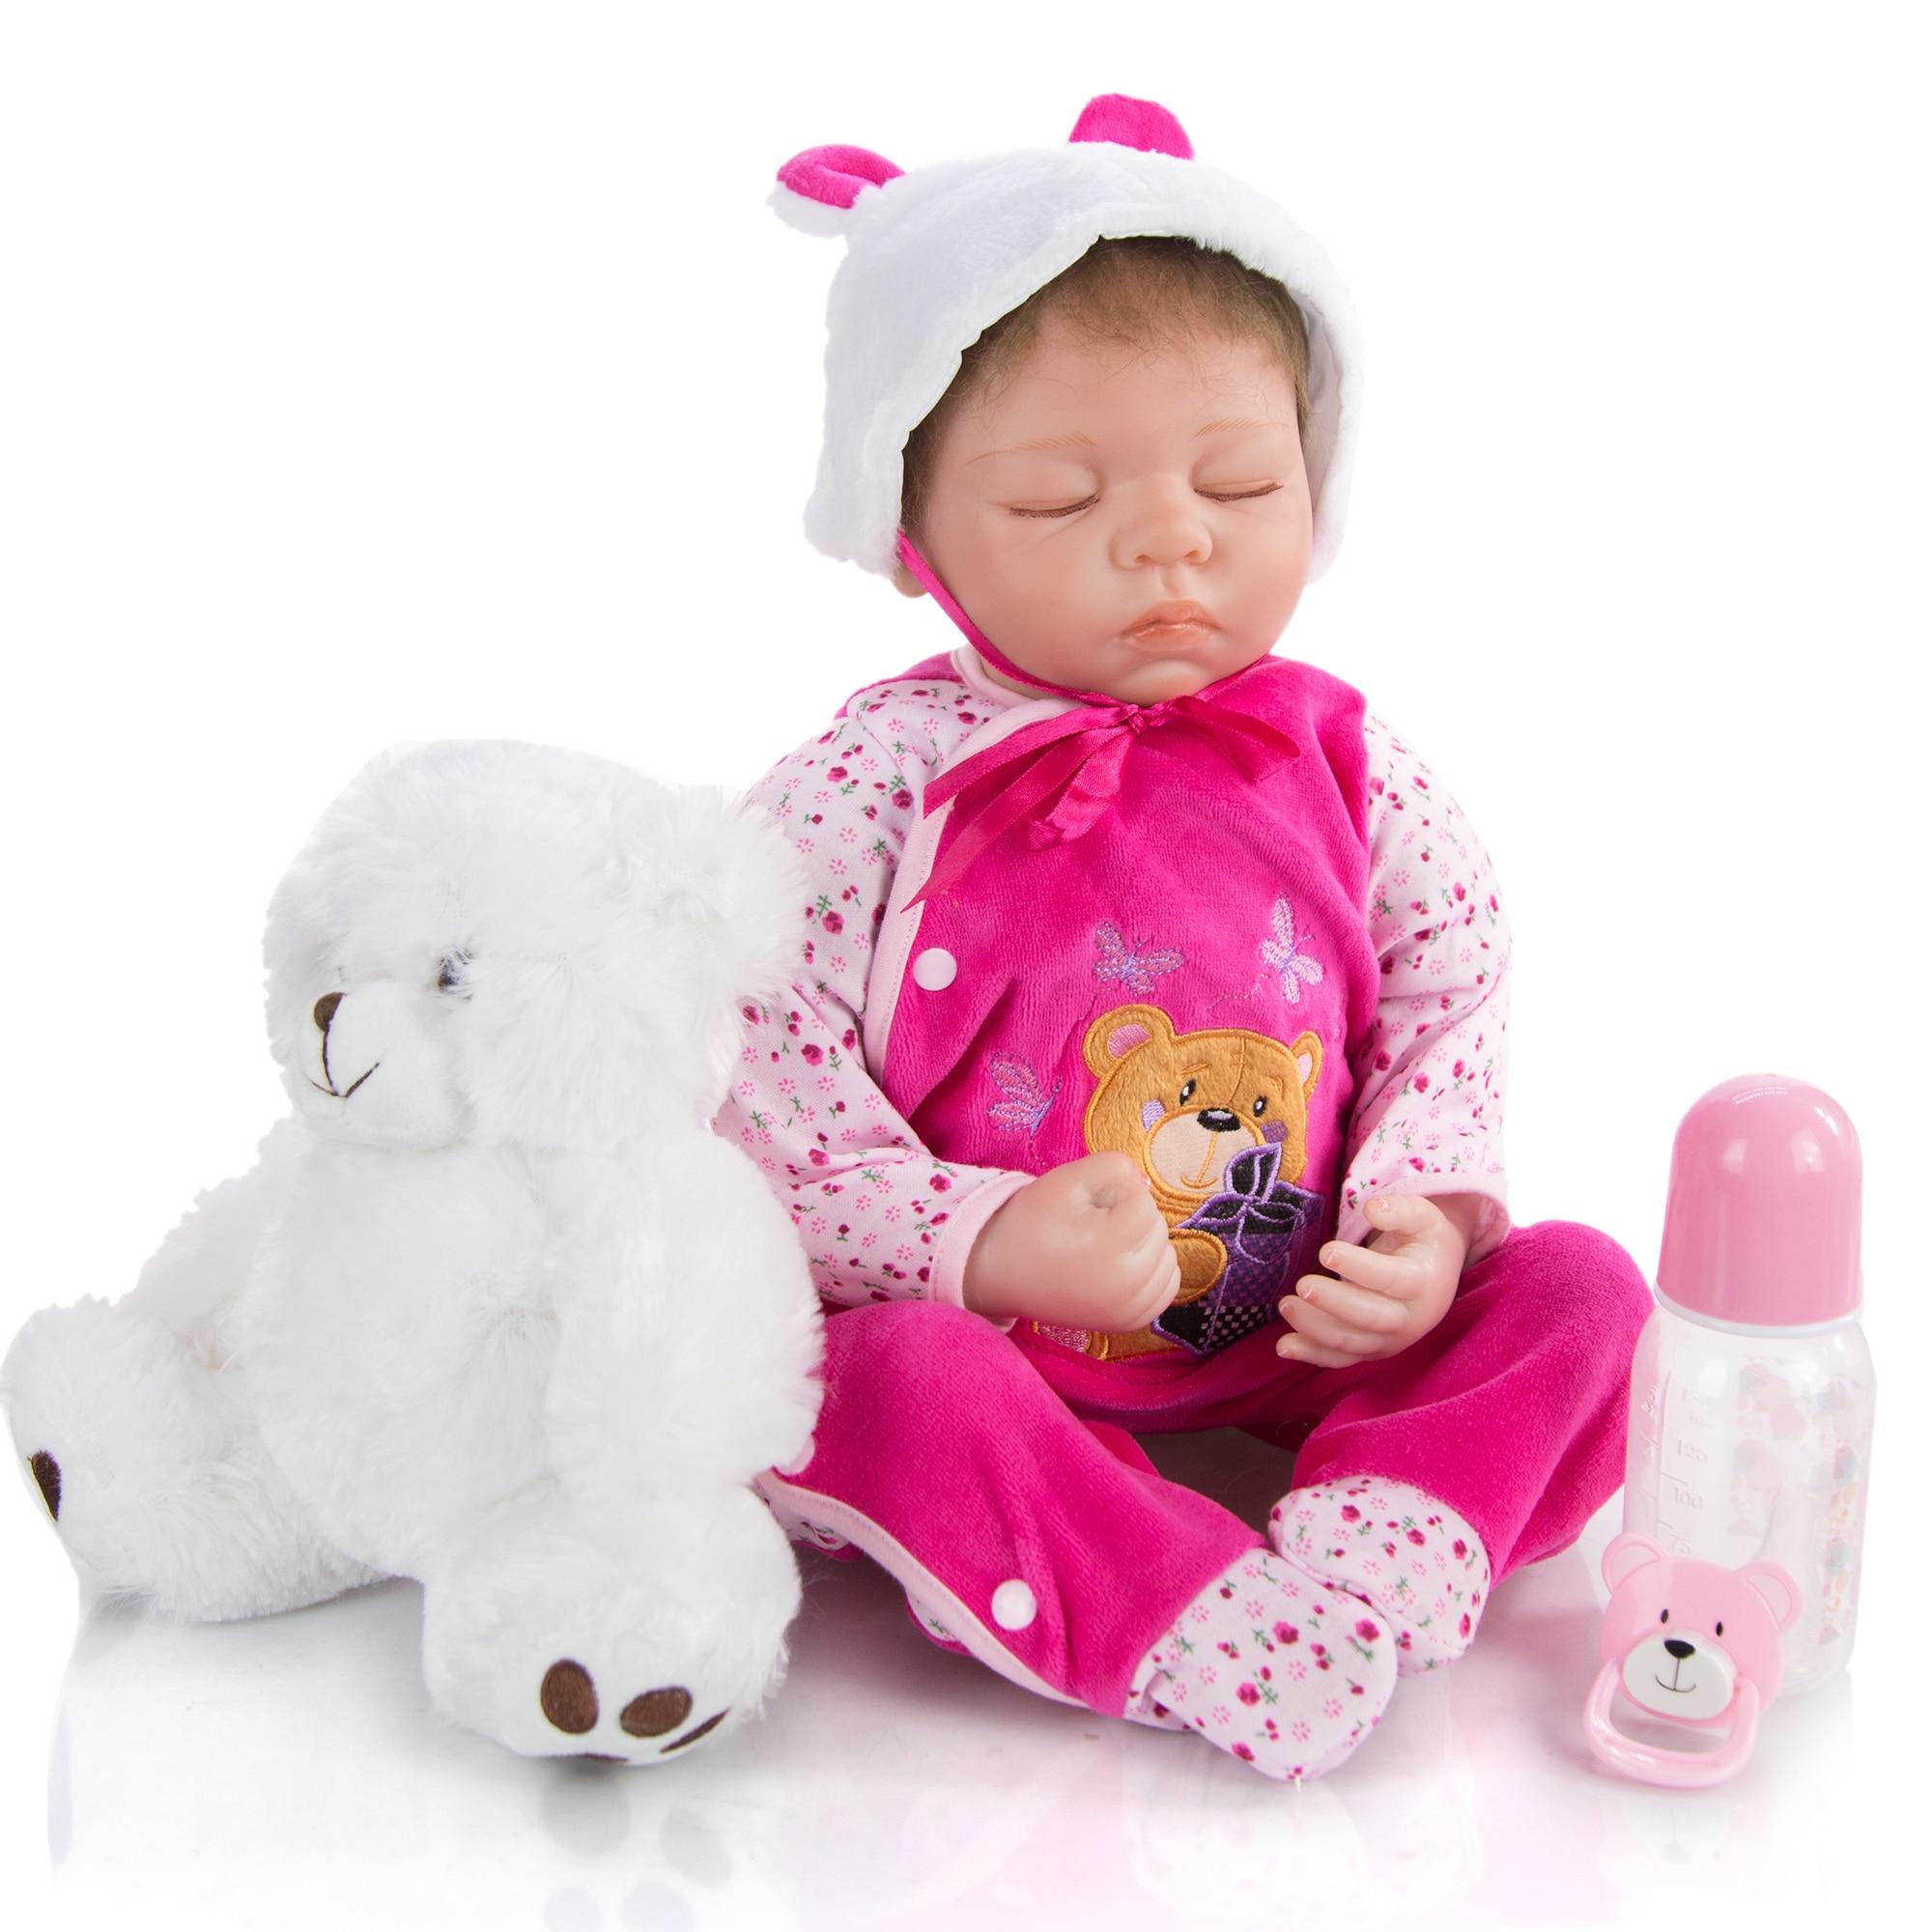 KEIUMI Freiheit Silikon Rebron Babys Puppe Spielzeug 22 Zoll Schlafen Baby Reborn Puppen Spielzeug Mit Niedrigsten Preis Auf Verkauf